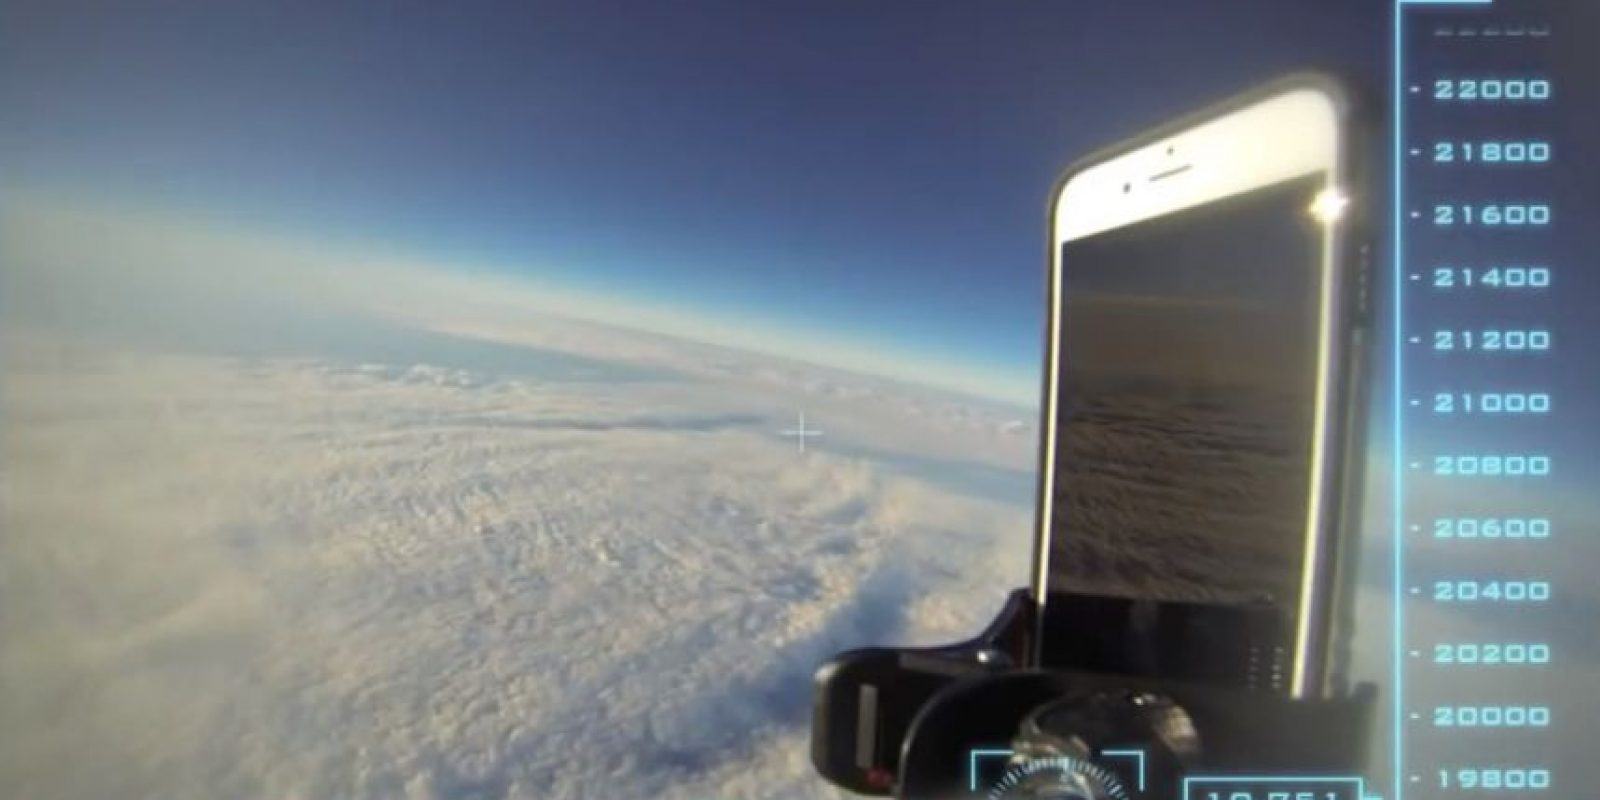 El dispositivo fue dejado caer desde una altitud superior a los 30 mil kilómetros de altura. Foto:Urban Armor Gear Inc.